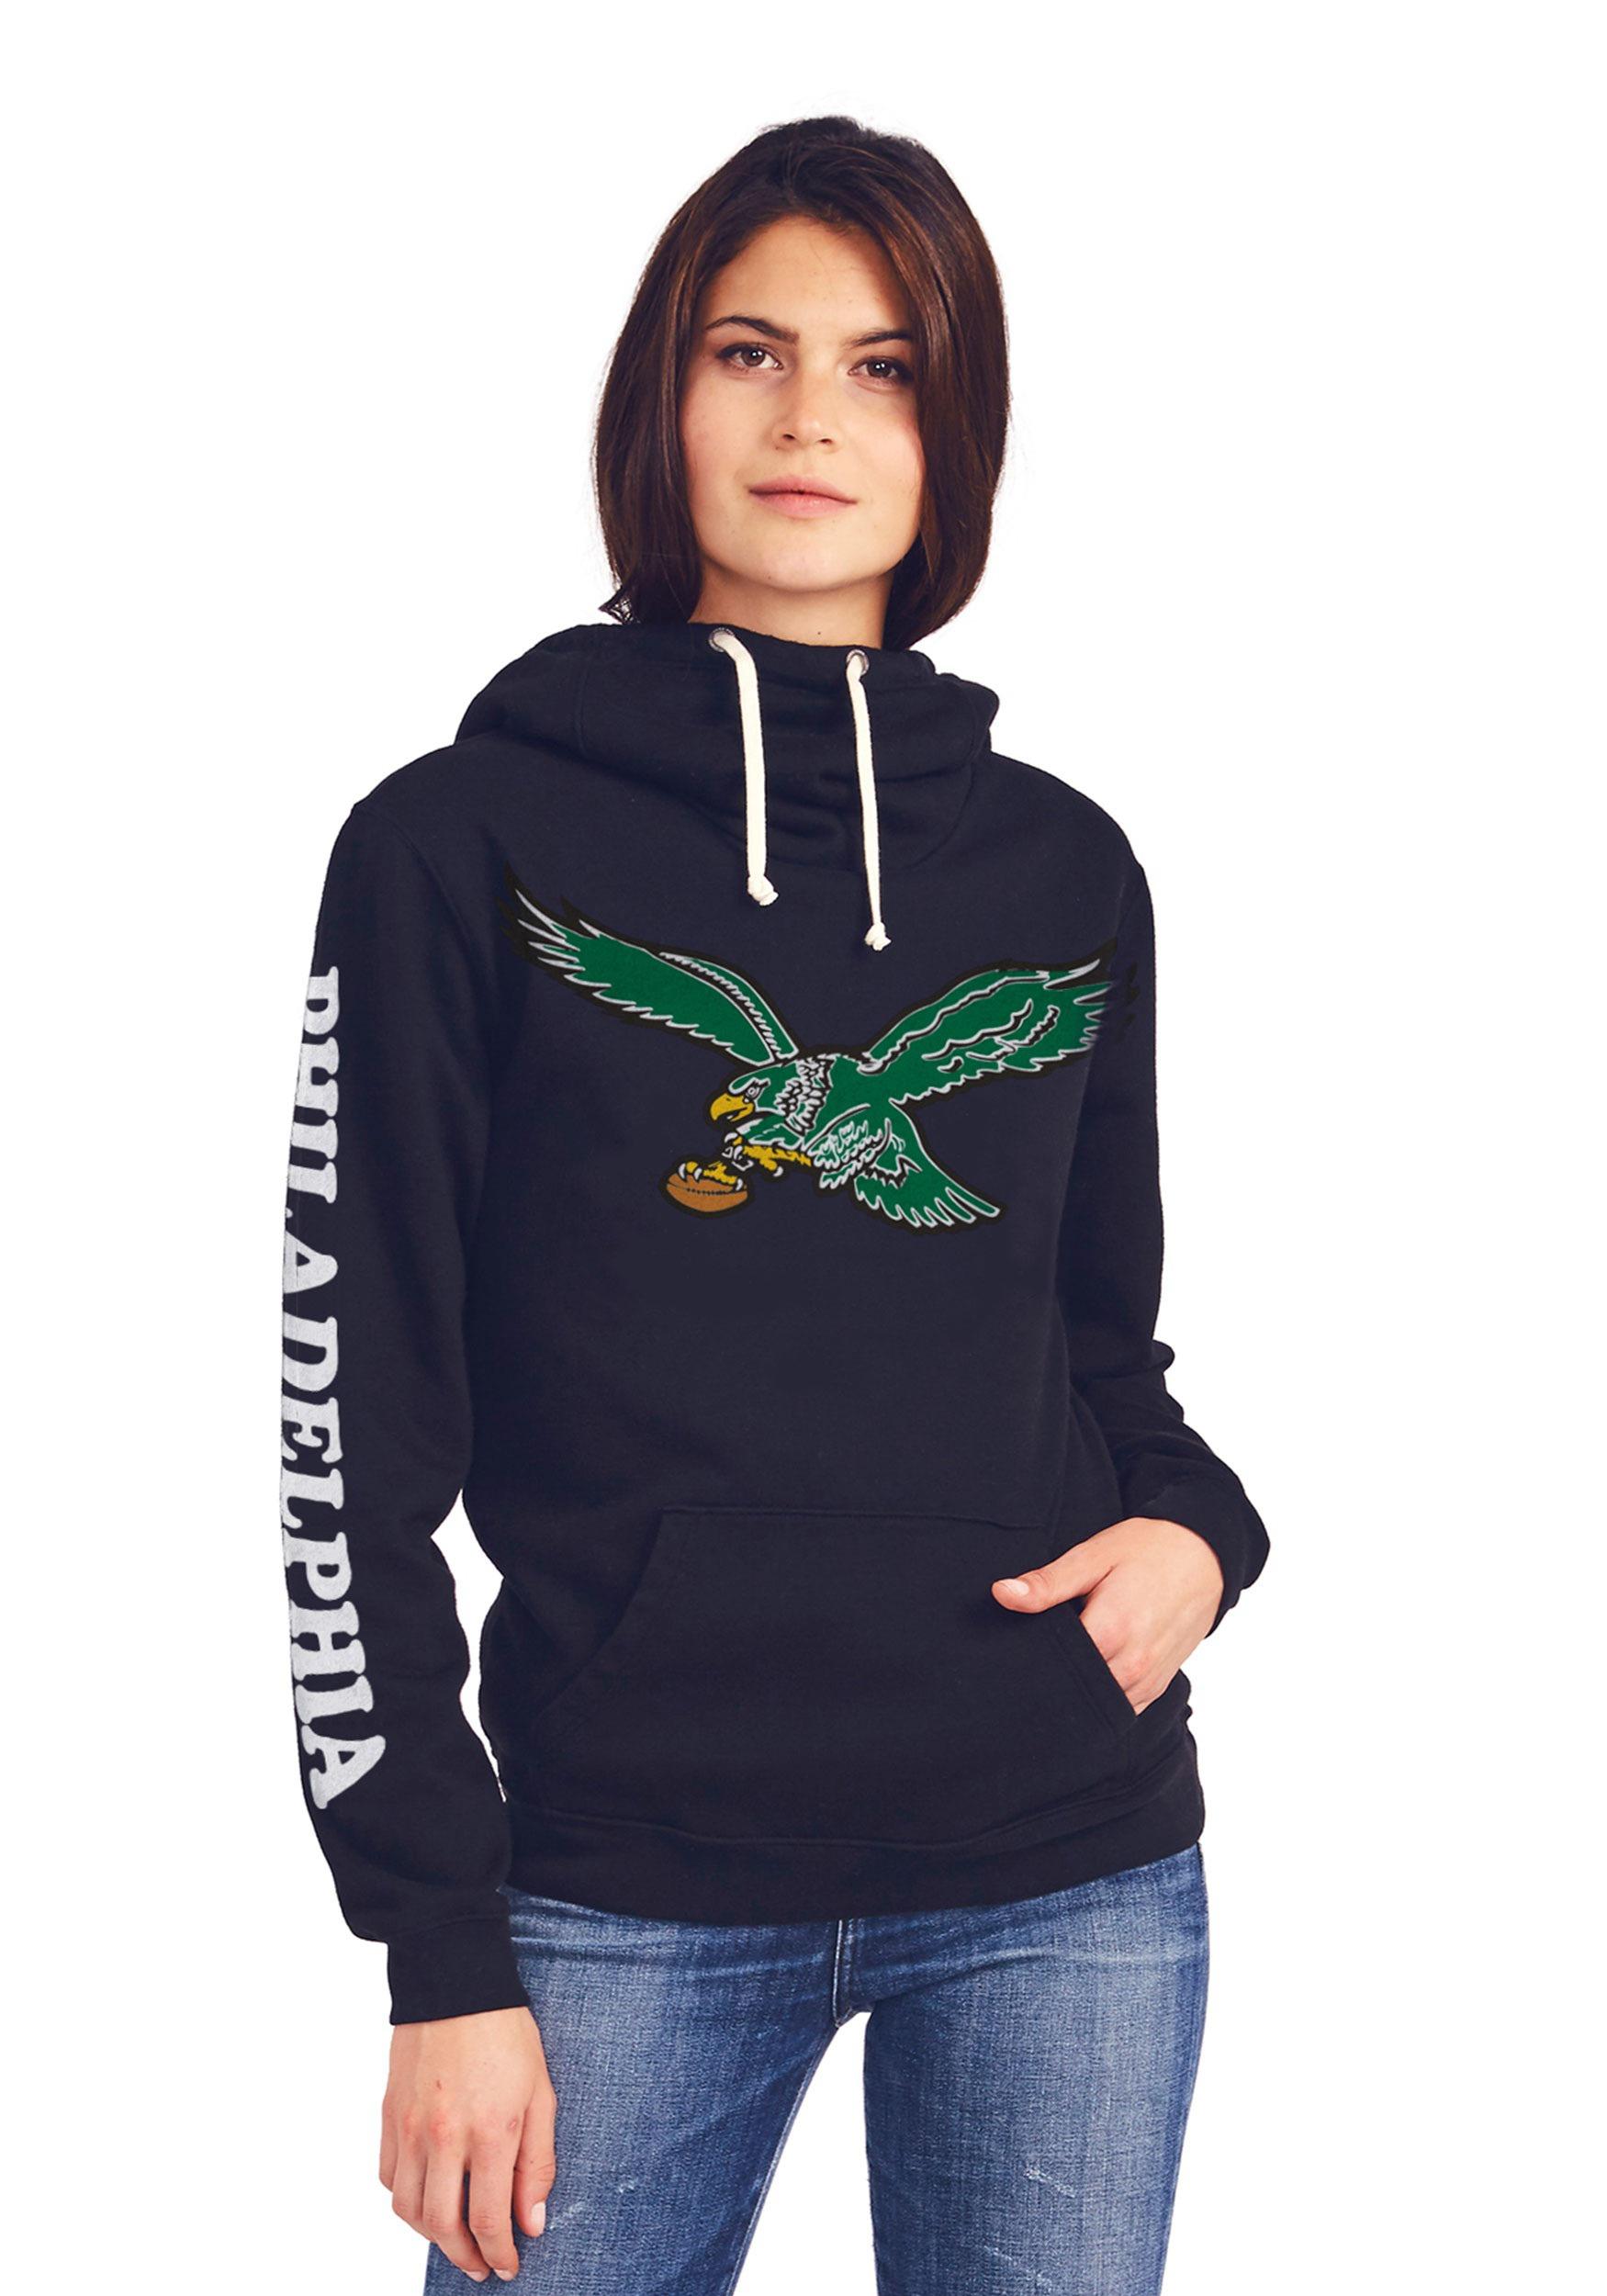 Womens hoodie sweatshirt